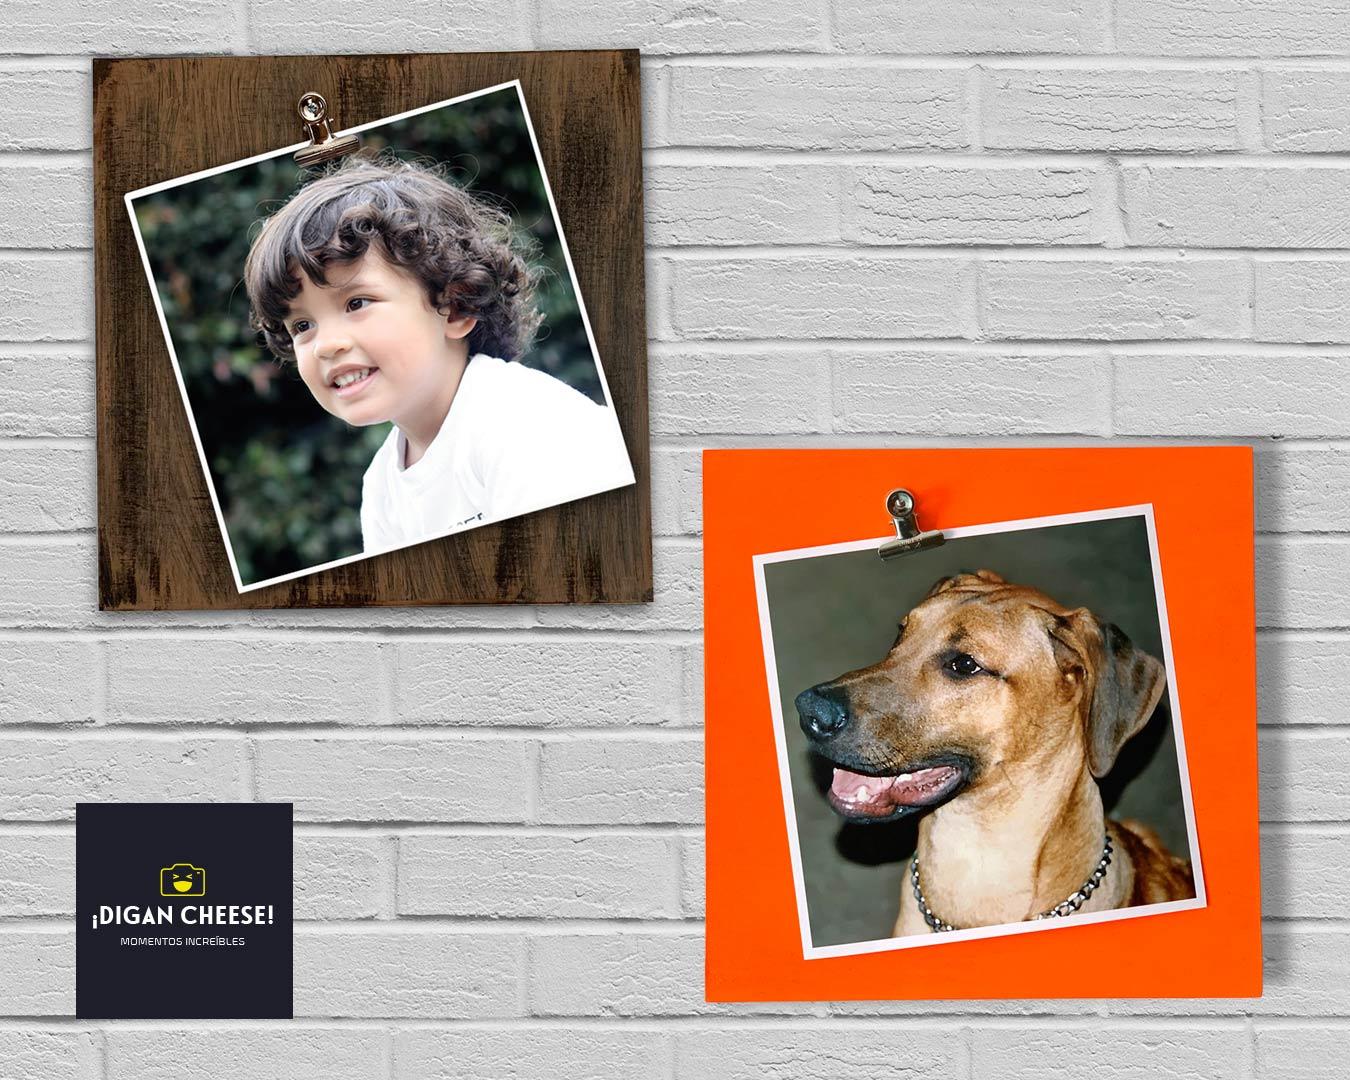 Caja de madera de color amarillo para guardar sobres de Té, en la tapa se encuentra la foto de un perro de color negro y blanco. Este objeto se apoya sobre una mesa de madera de color cafe.